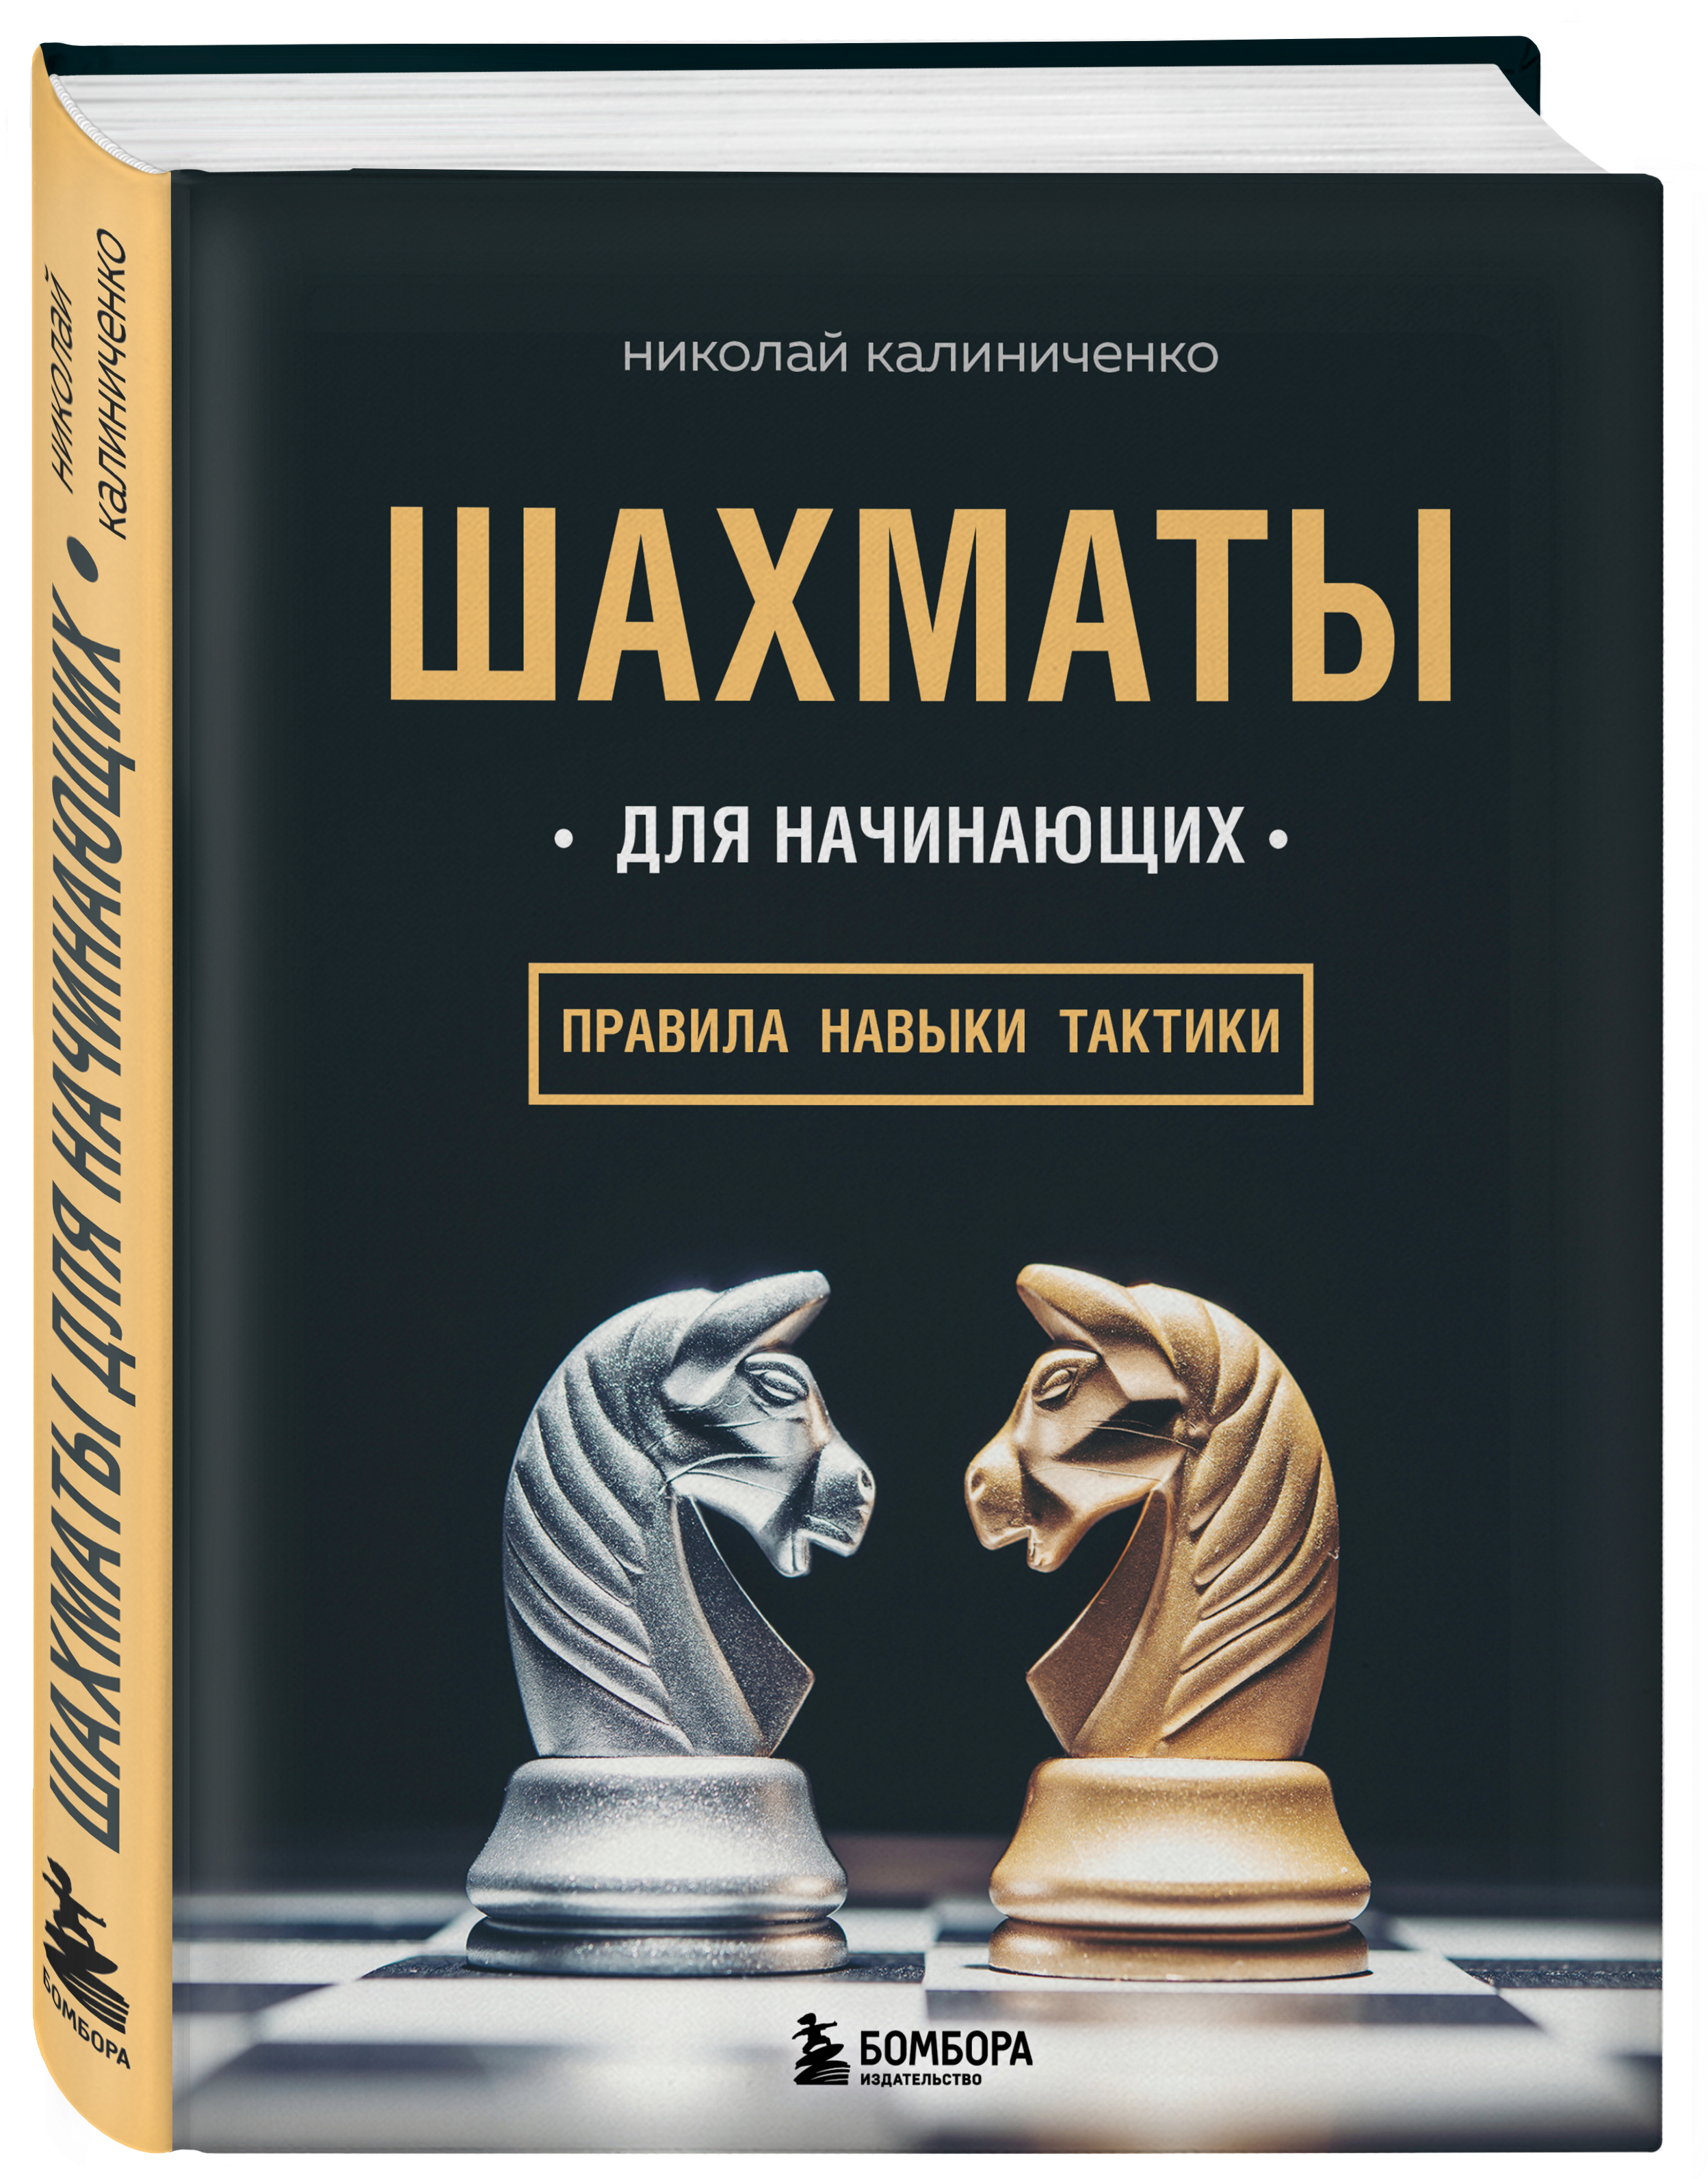 Николай Калиниченко Шахматы для начинающих: правила, навыки, тактики н м калиниченко шахматы играйте и выигрывайте